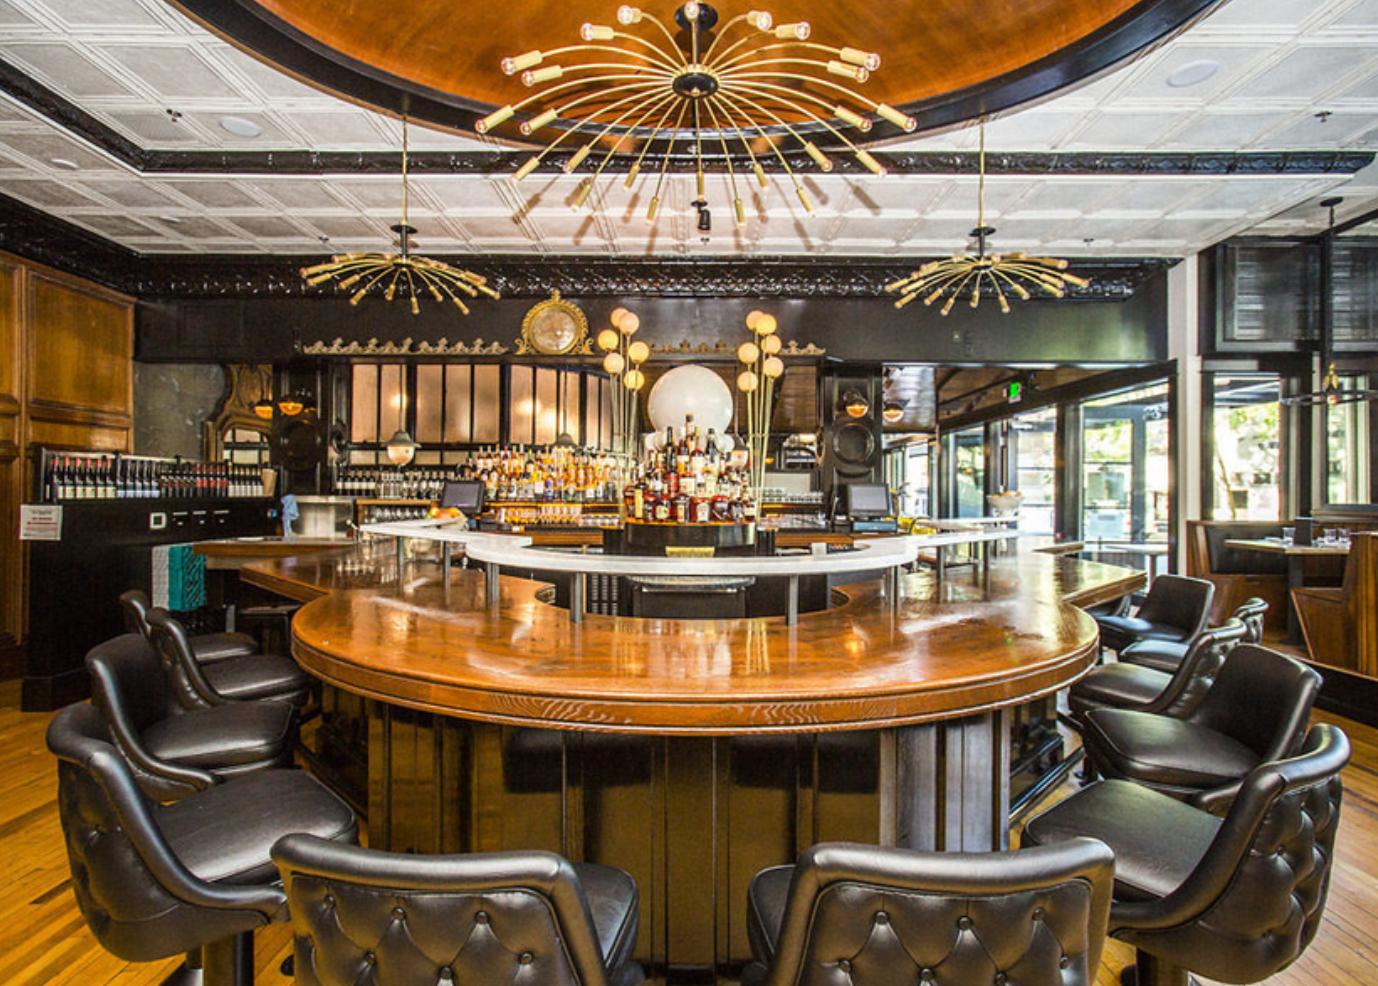 The bar at Stoneburner